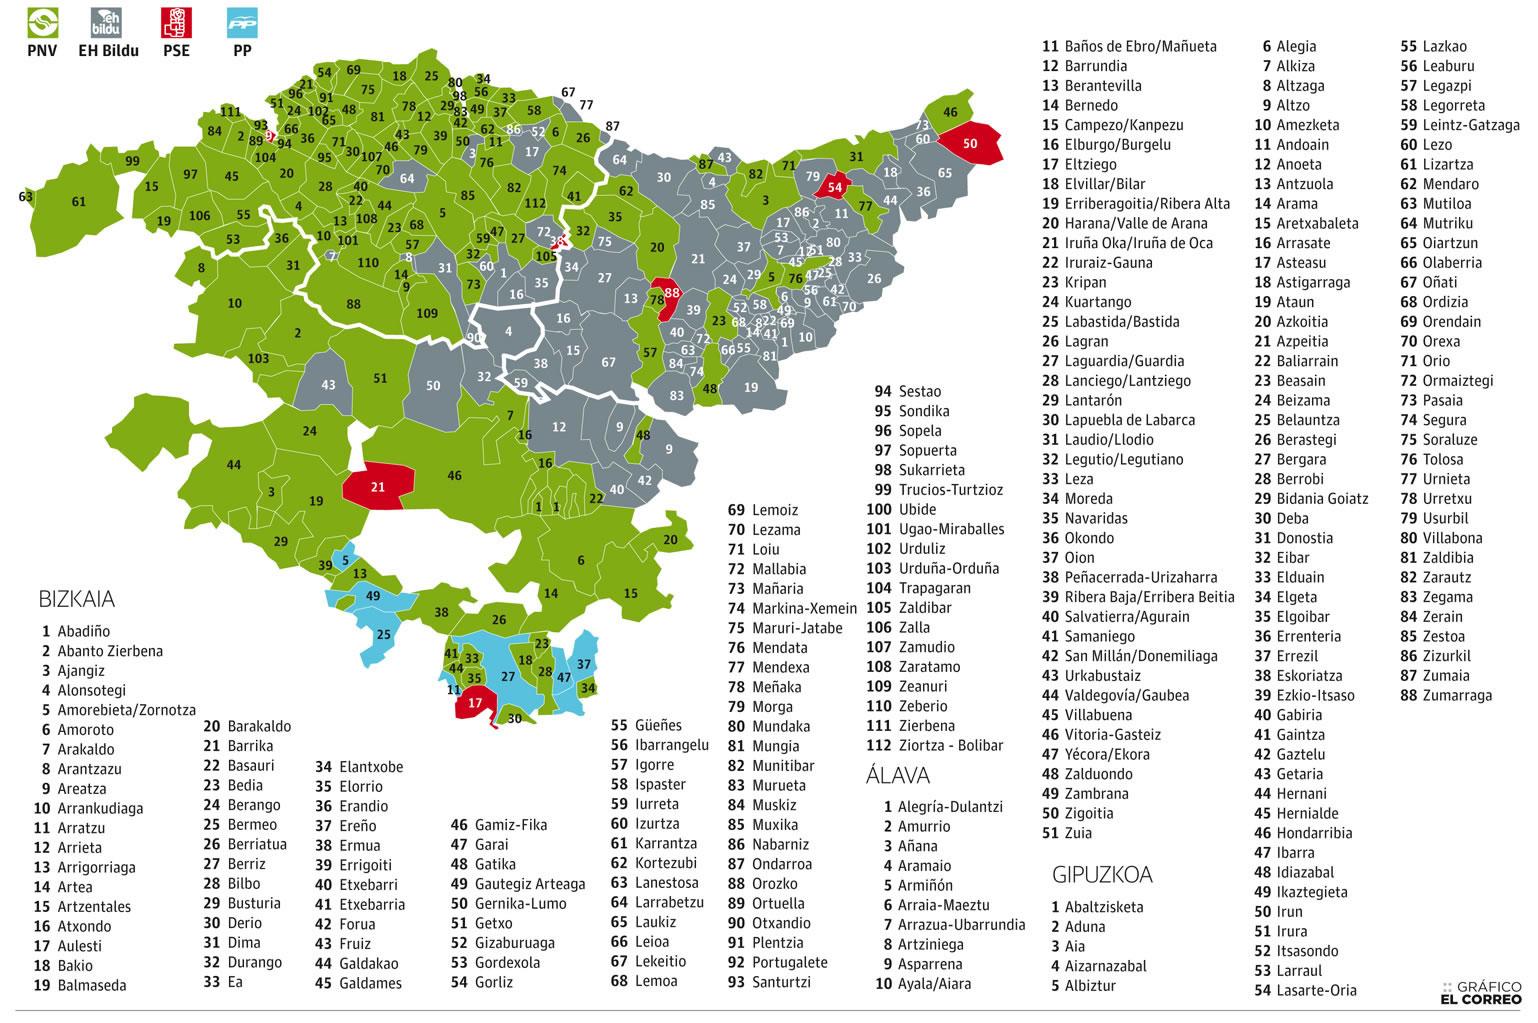 Mapa Euskal Herria Pueblos.Jarri Periodikoa Eta Ogi Barra Bat Informazioa Boterea Da I